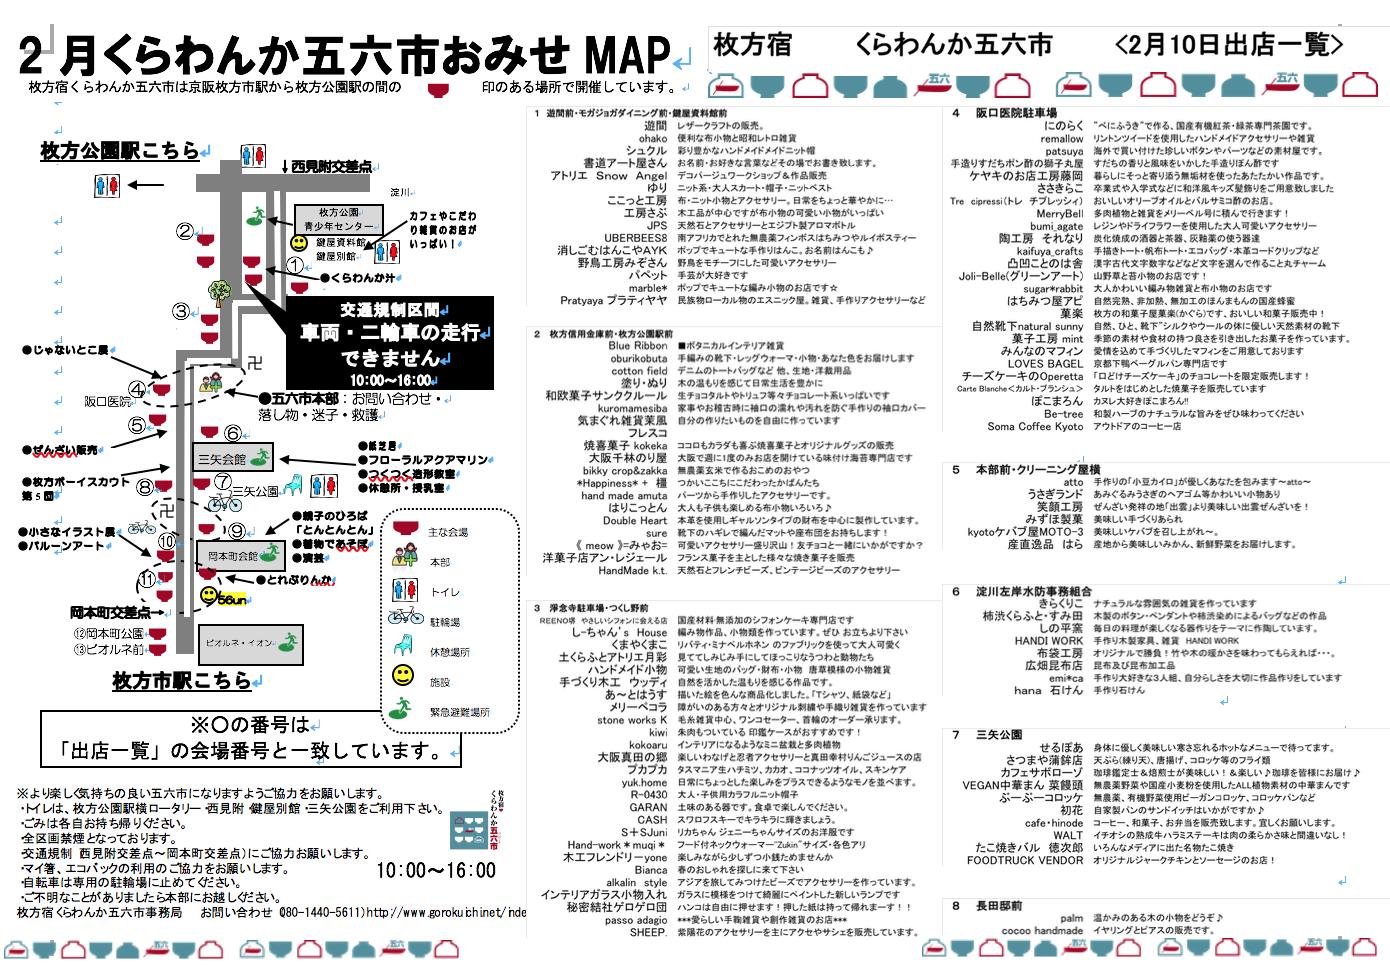 f:id:gorokuichi:20190206133441p:plain